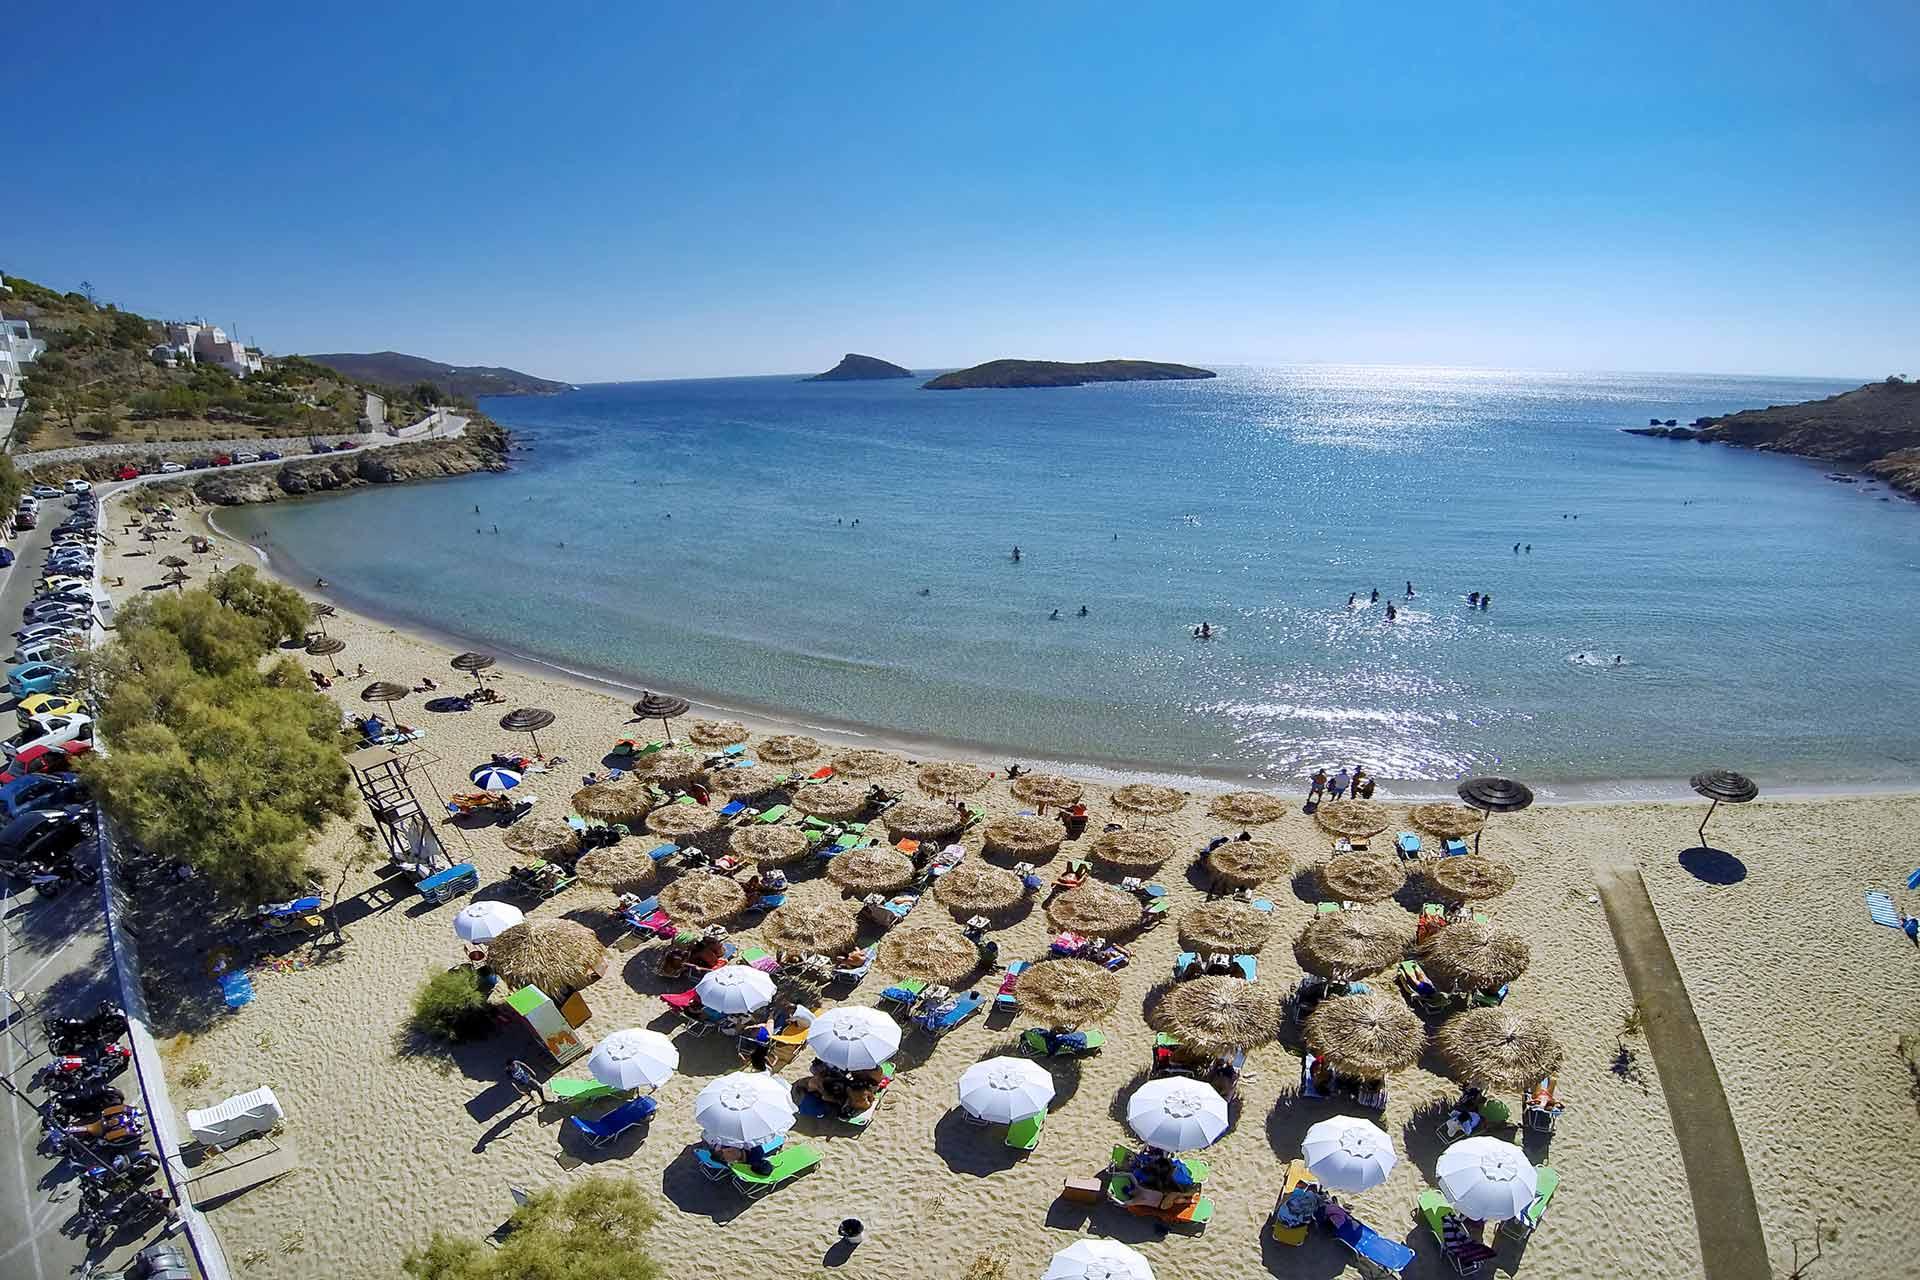 Αποτέλεσμα εικόνας για Παραλία Αγκαθωπές Συρος